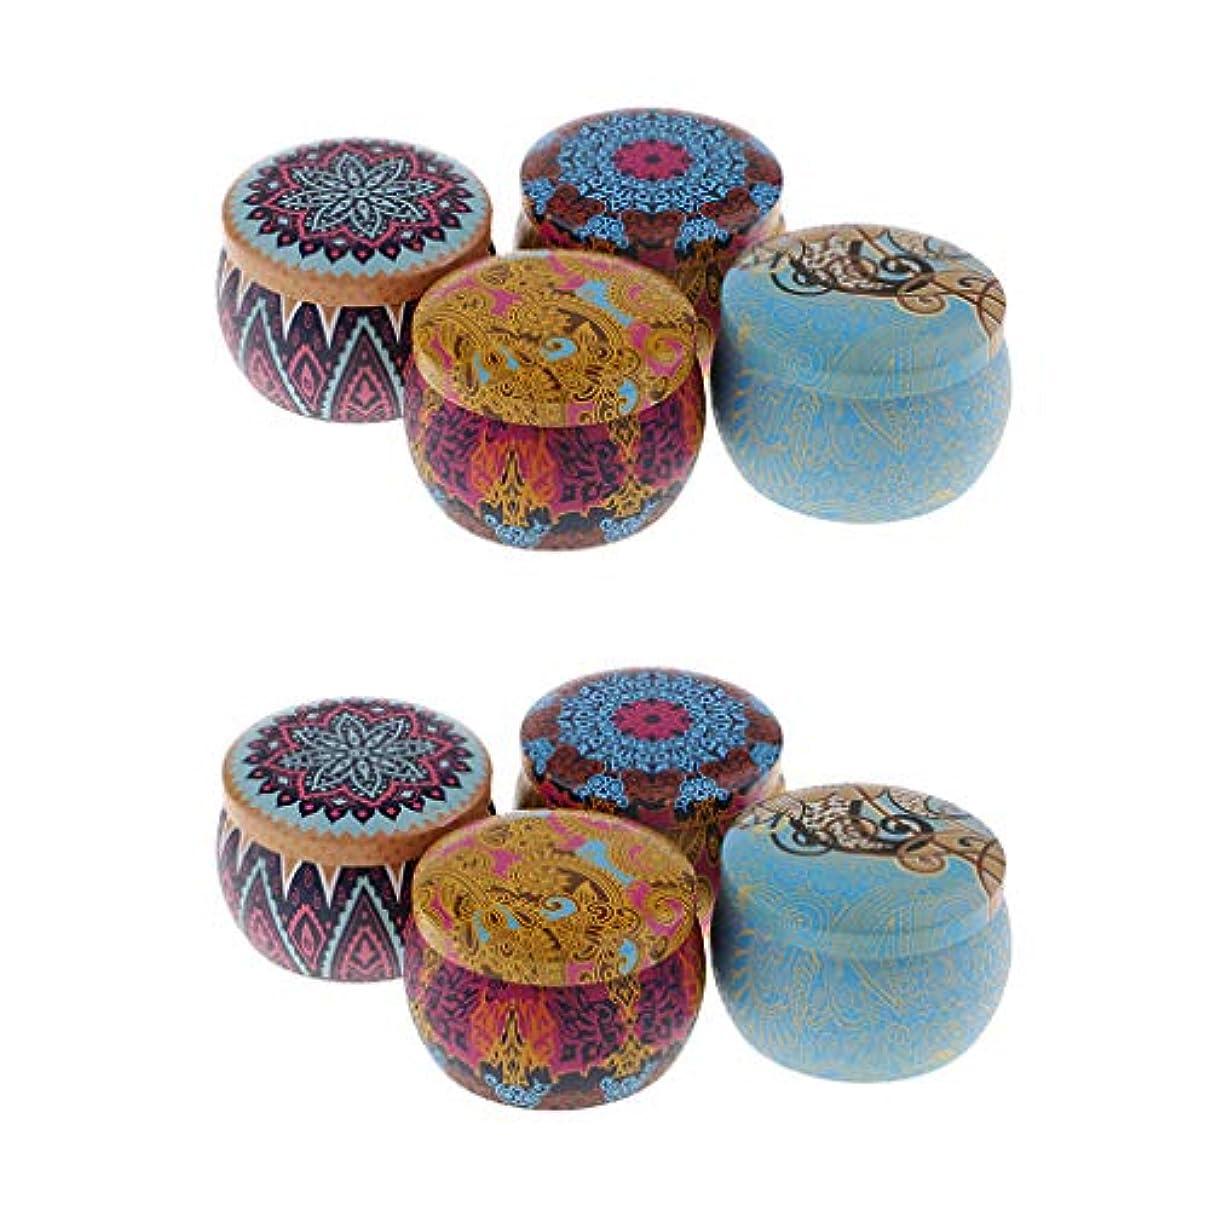 砂漠保存する移動キャンドル アロマ 缶 香りキャンドル 携帯用 家庭 オフィス 教会 8個セット